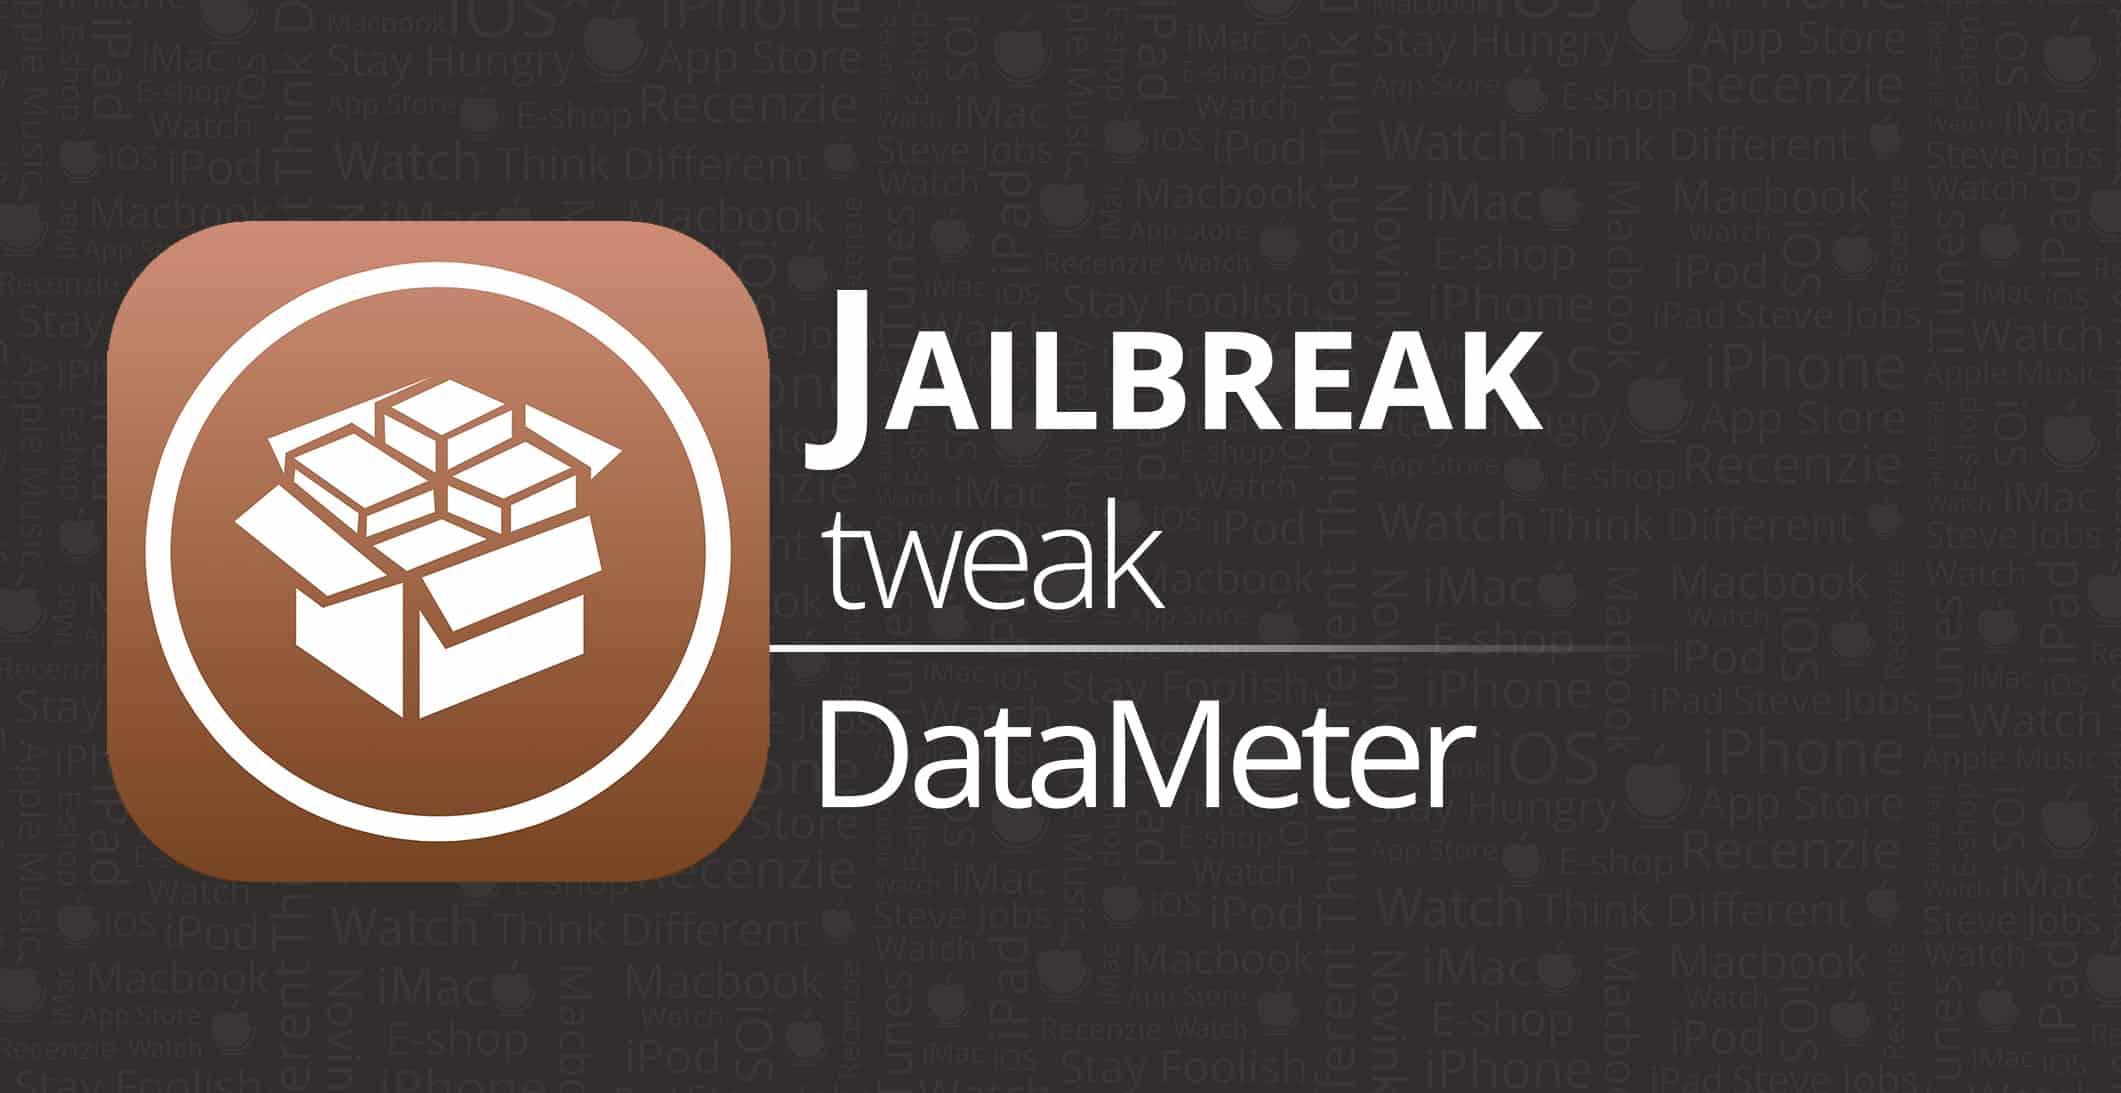 jailbreak-tweakDataMeter-svetapple